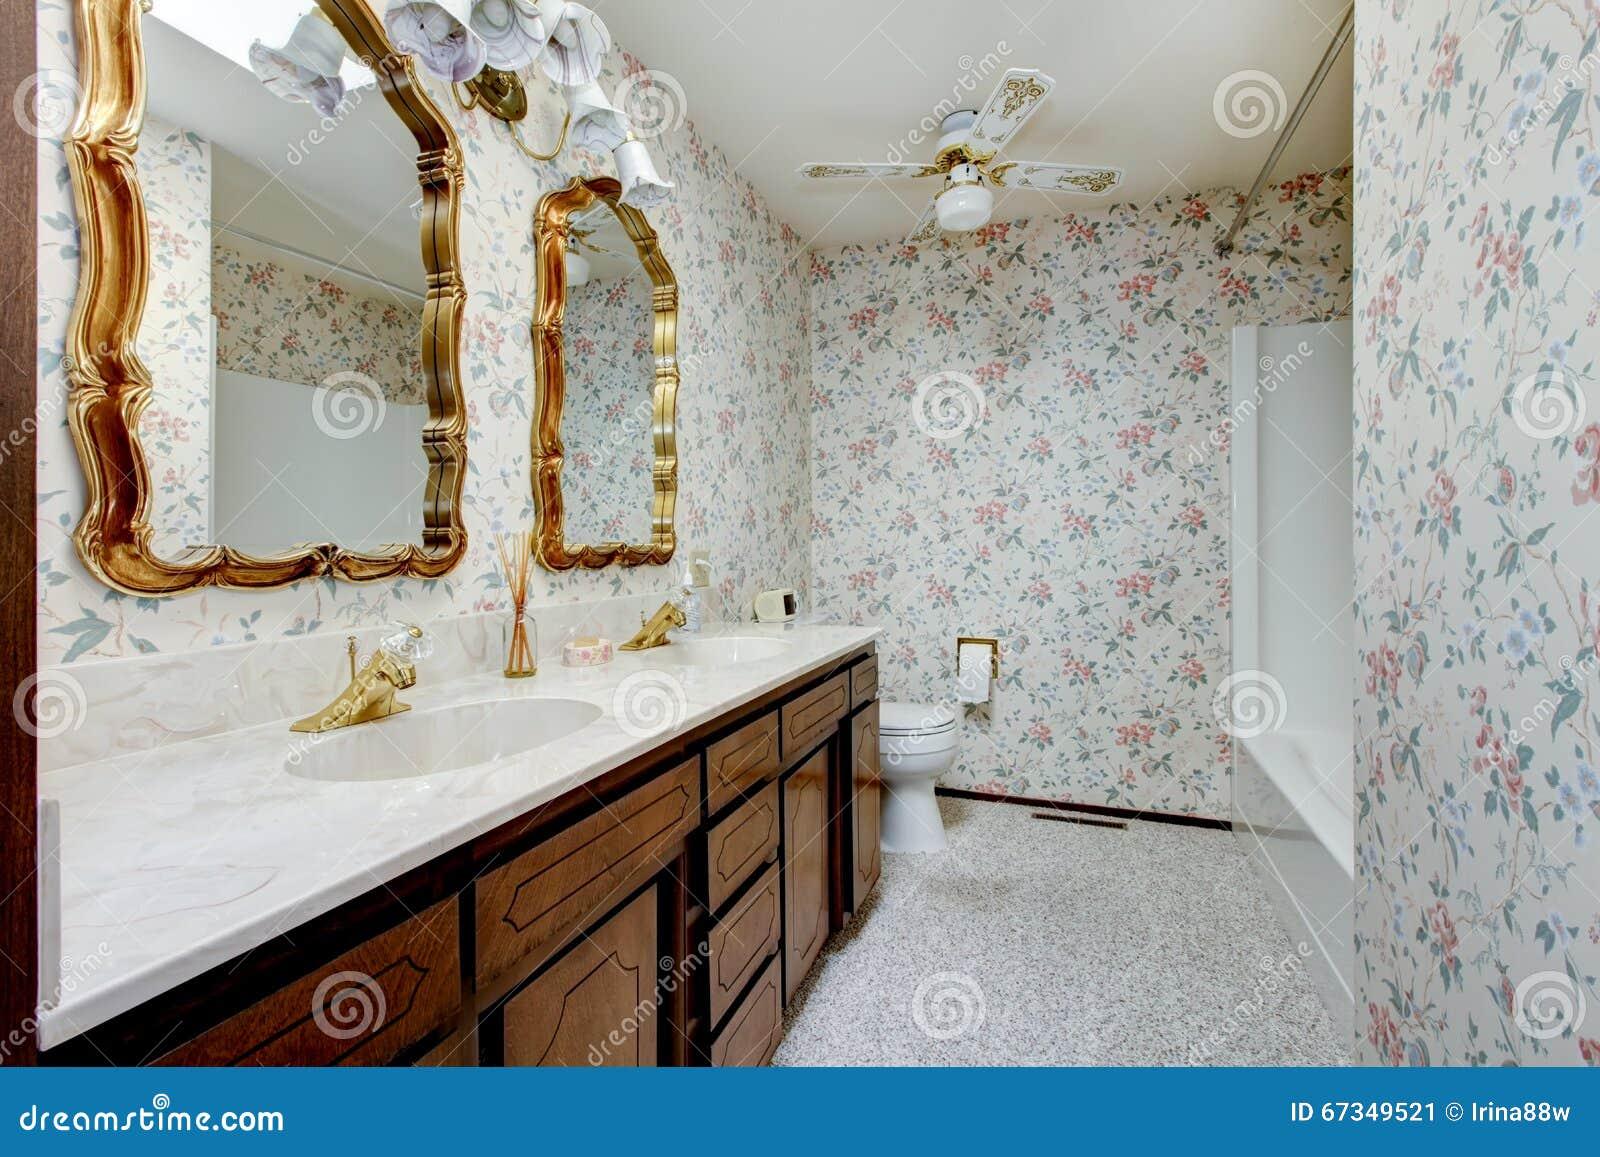 Il bagno d 39 annata di stile con la carta e l 39 oro di parete for Bagno d oro